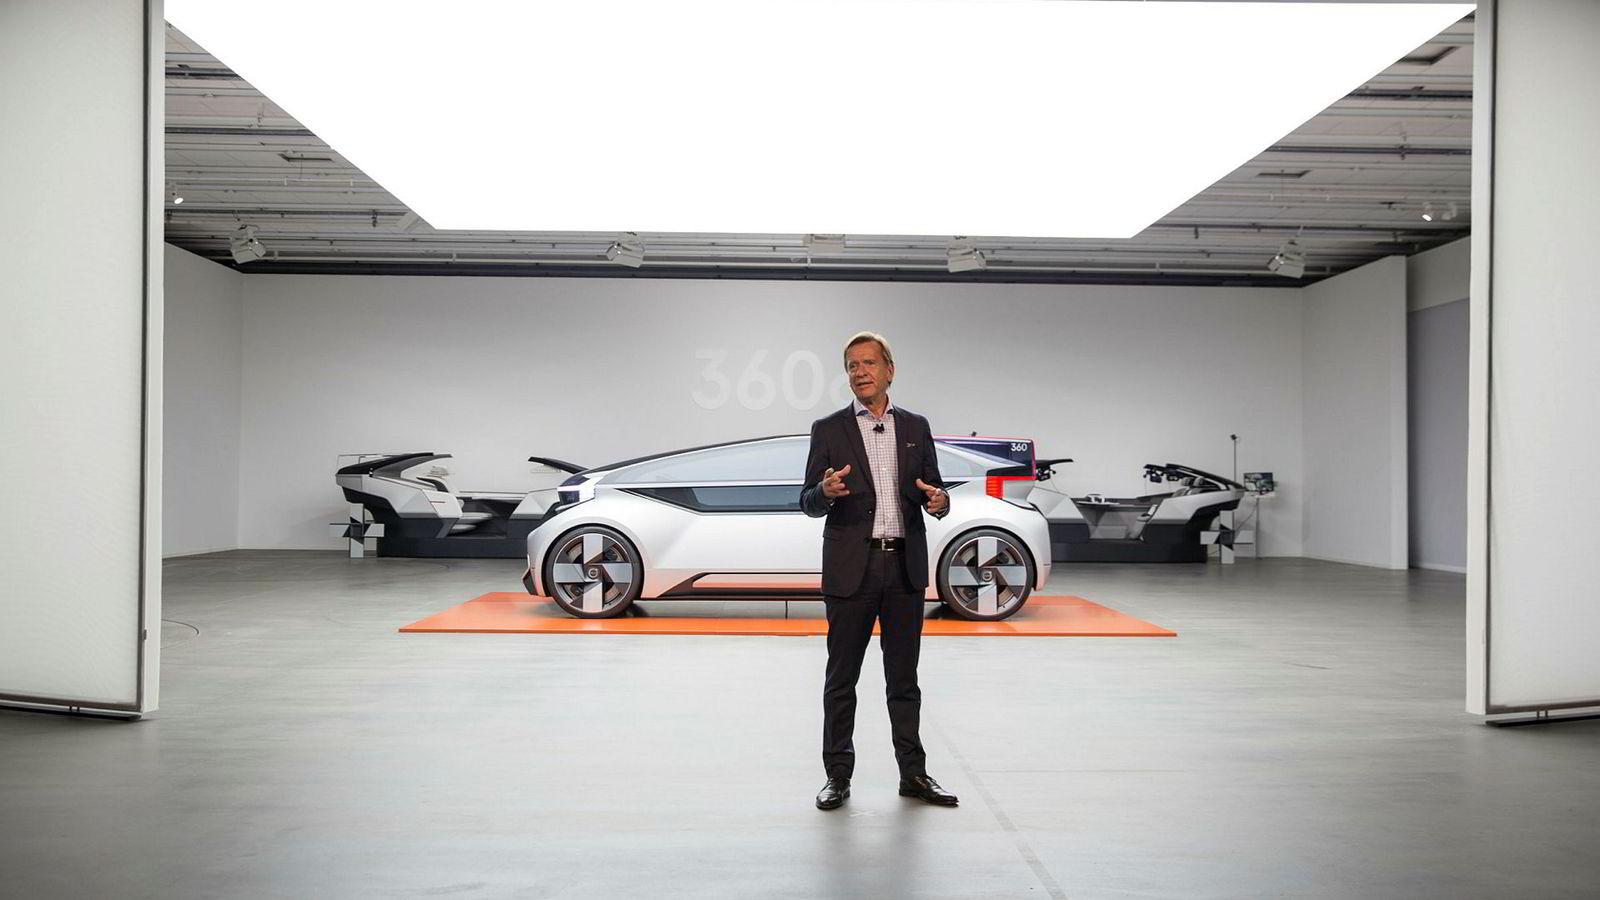 – Det blir en del av vår businessmodell, sier Håkan Samuelsson, sjef for Volvo. Han har nettopp vist frem konseptbilen 360c, som skal kunne overta for innenriks flytrafikk.